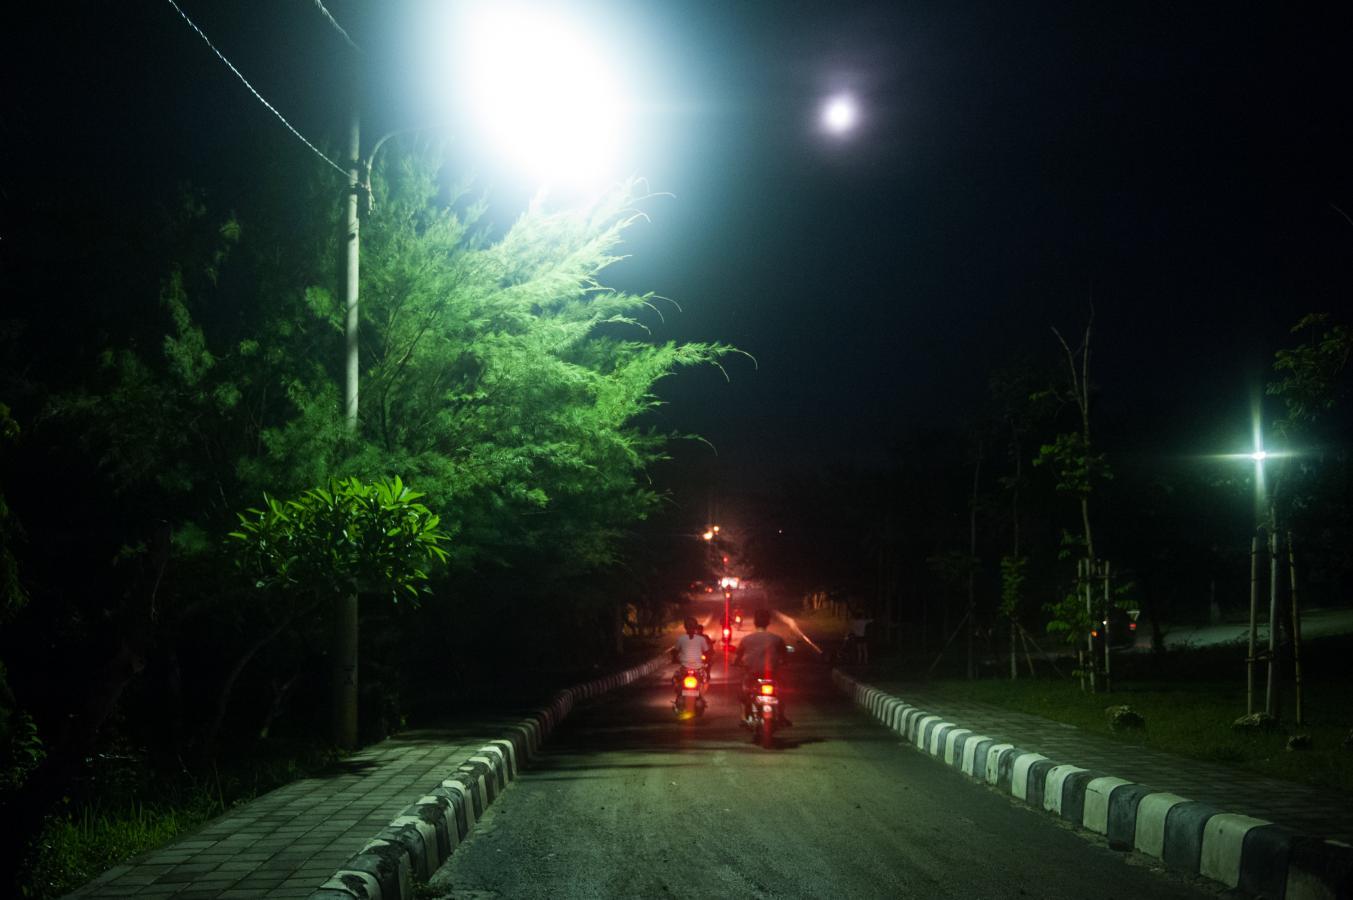 bikers-in-the-night-bali-2013